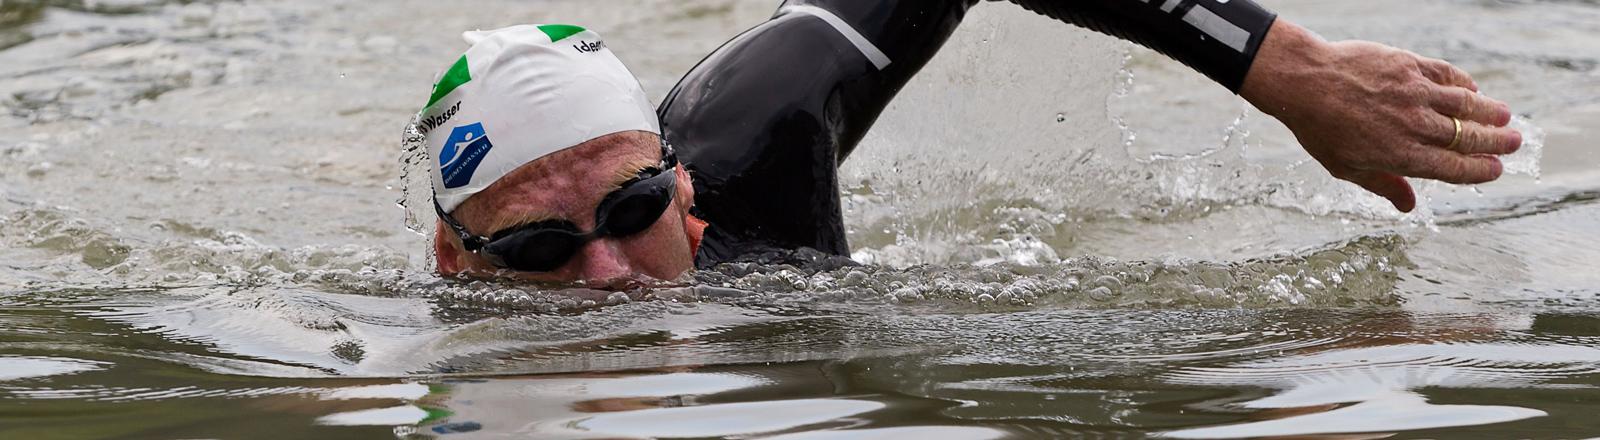 Wissenschaftler Andreas Fath schwimmt von der Quelle bis zur Mündung durch den Rhein.